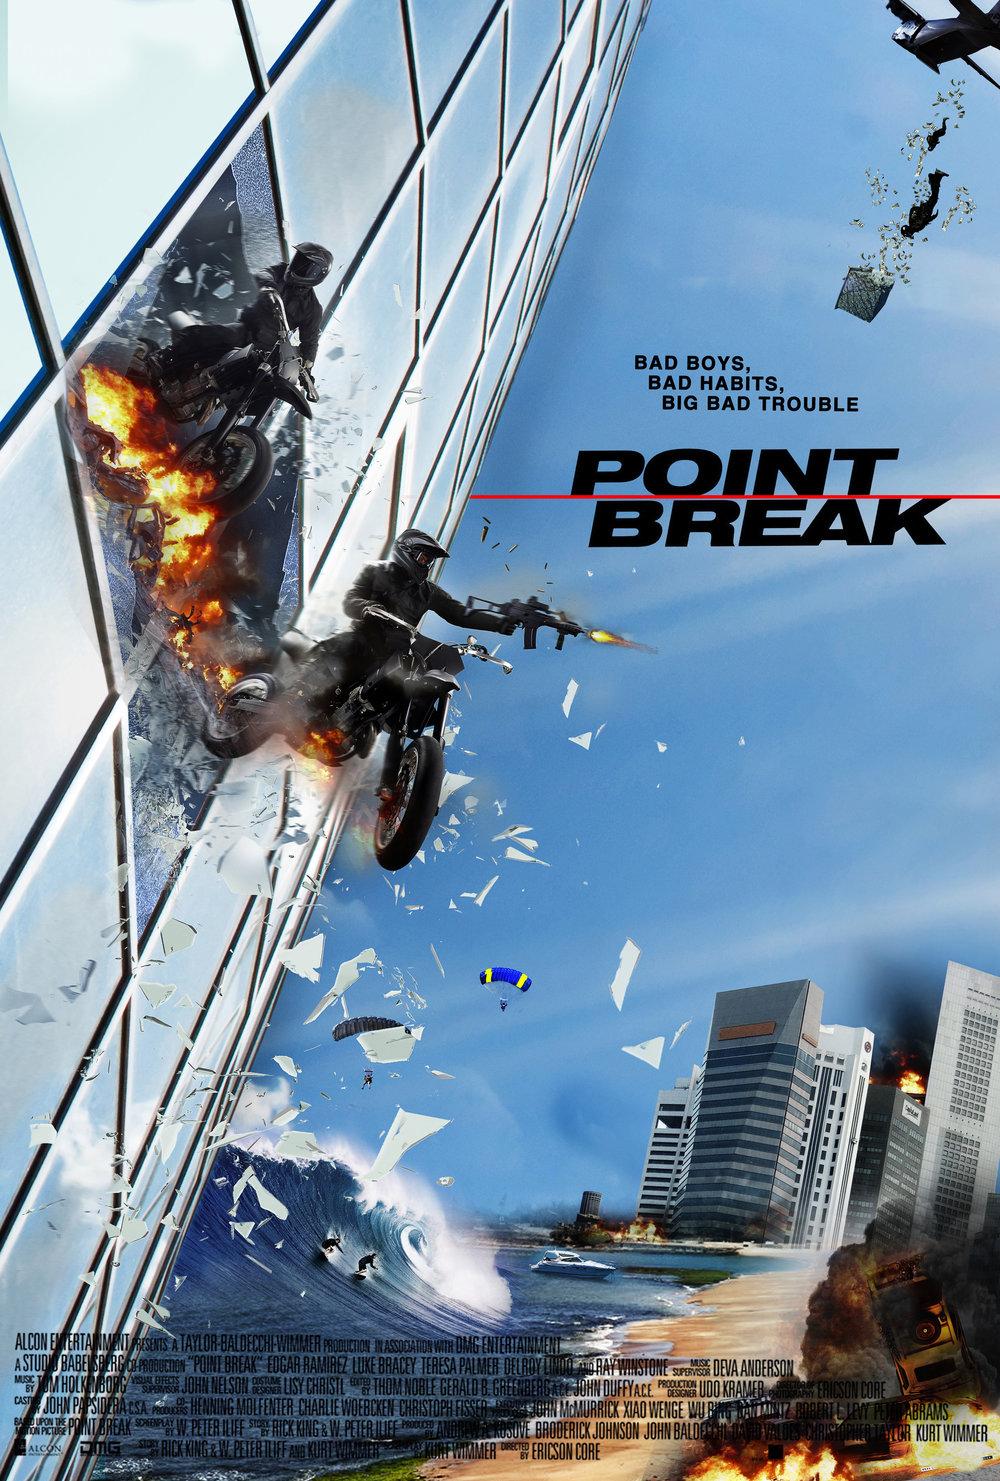 Point-Break-poster-03JAN2016.jpg